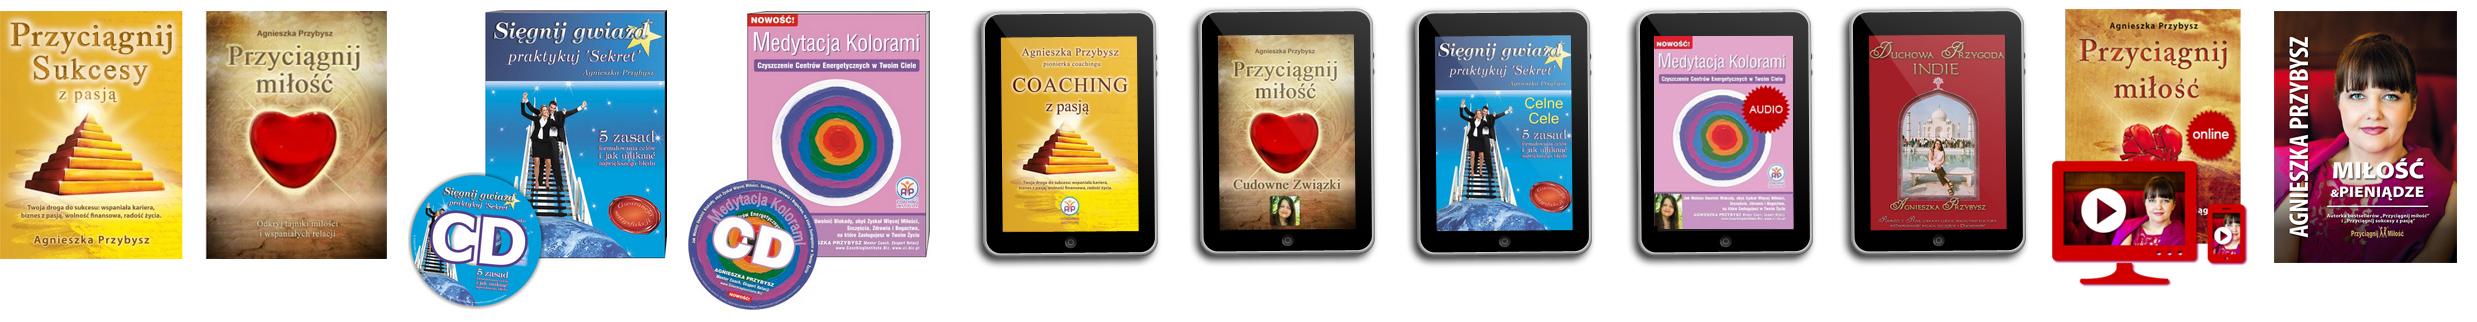 publikacje-Agnieszka-Przybysz